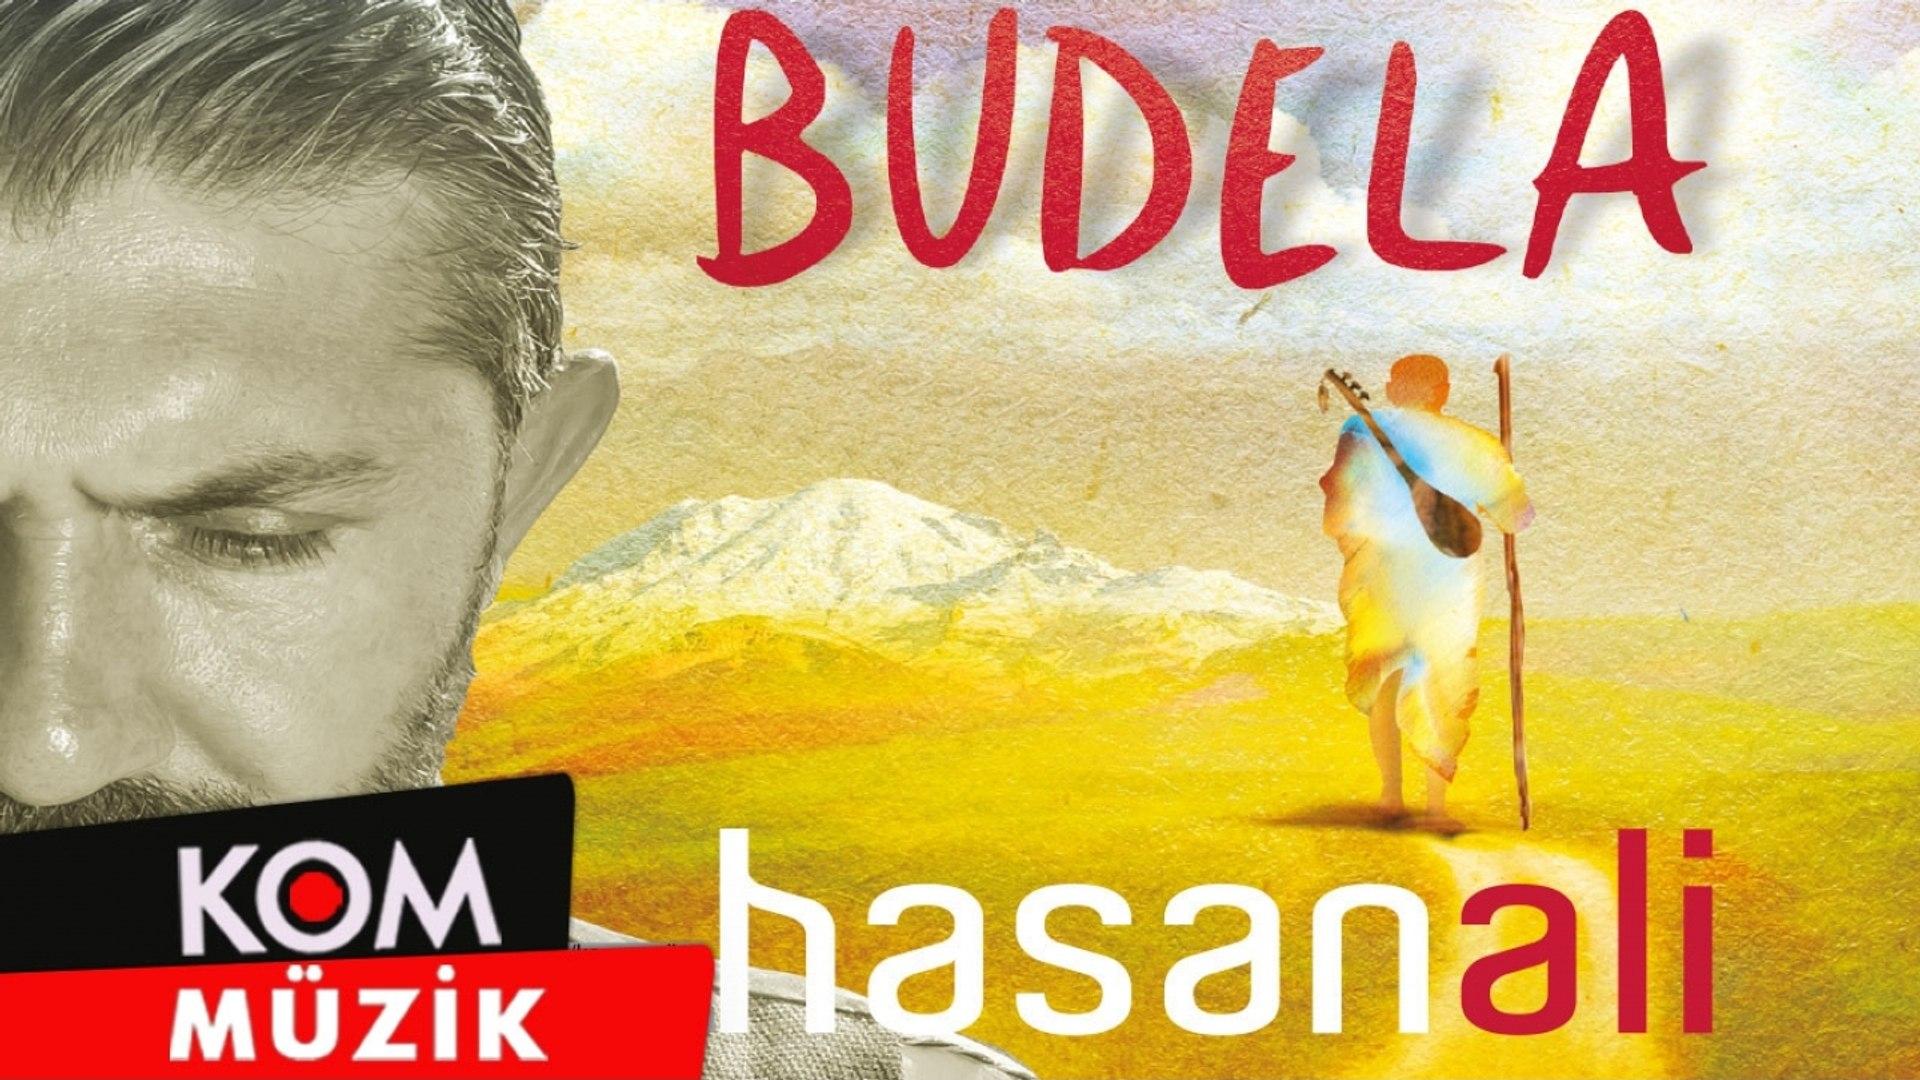 Hasan Ali - Yare Benden Selam Söyle / @Kommuzik